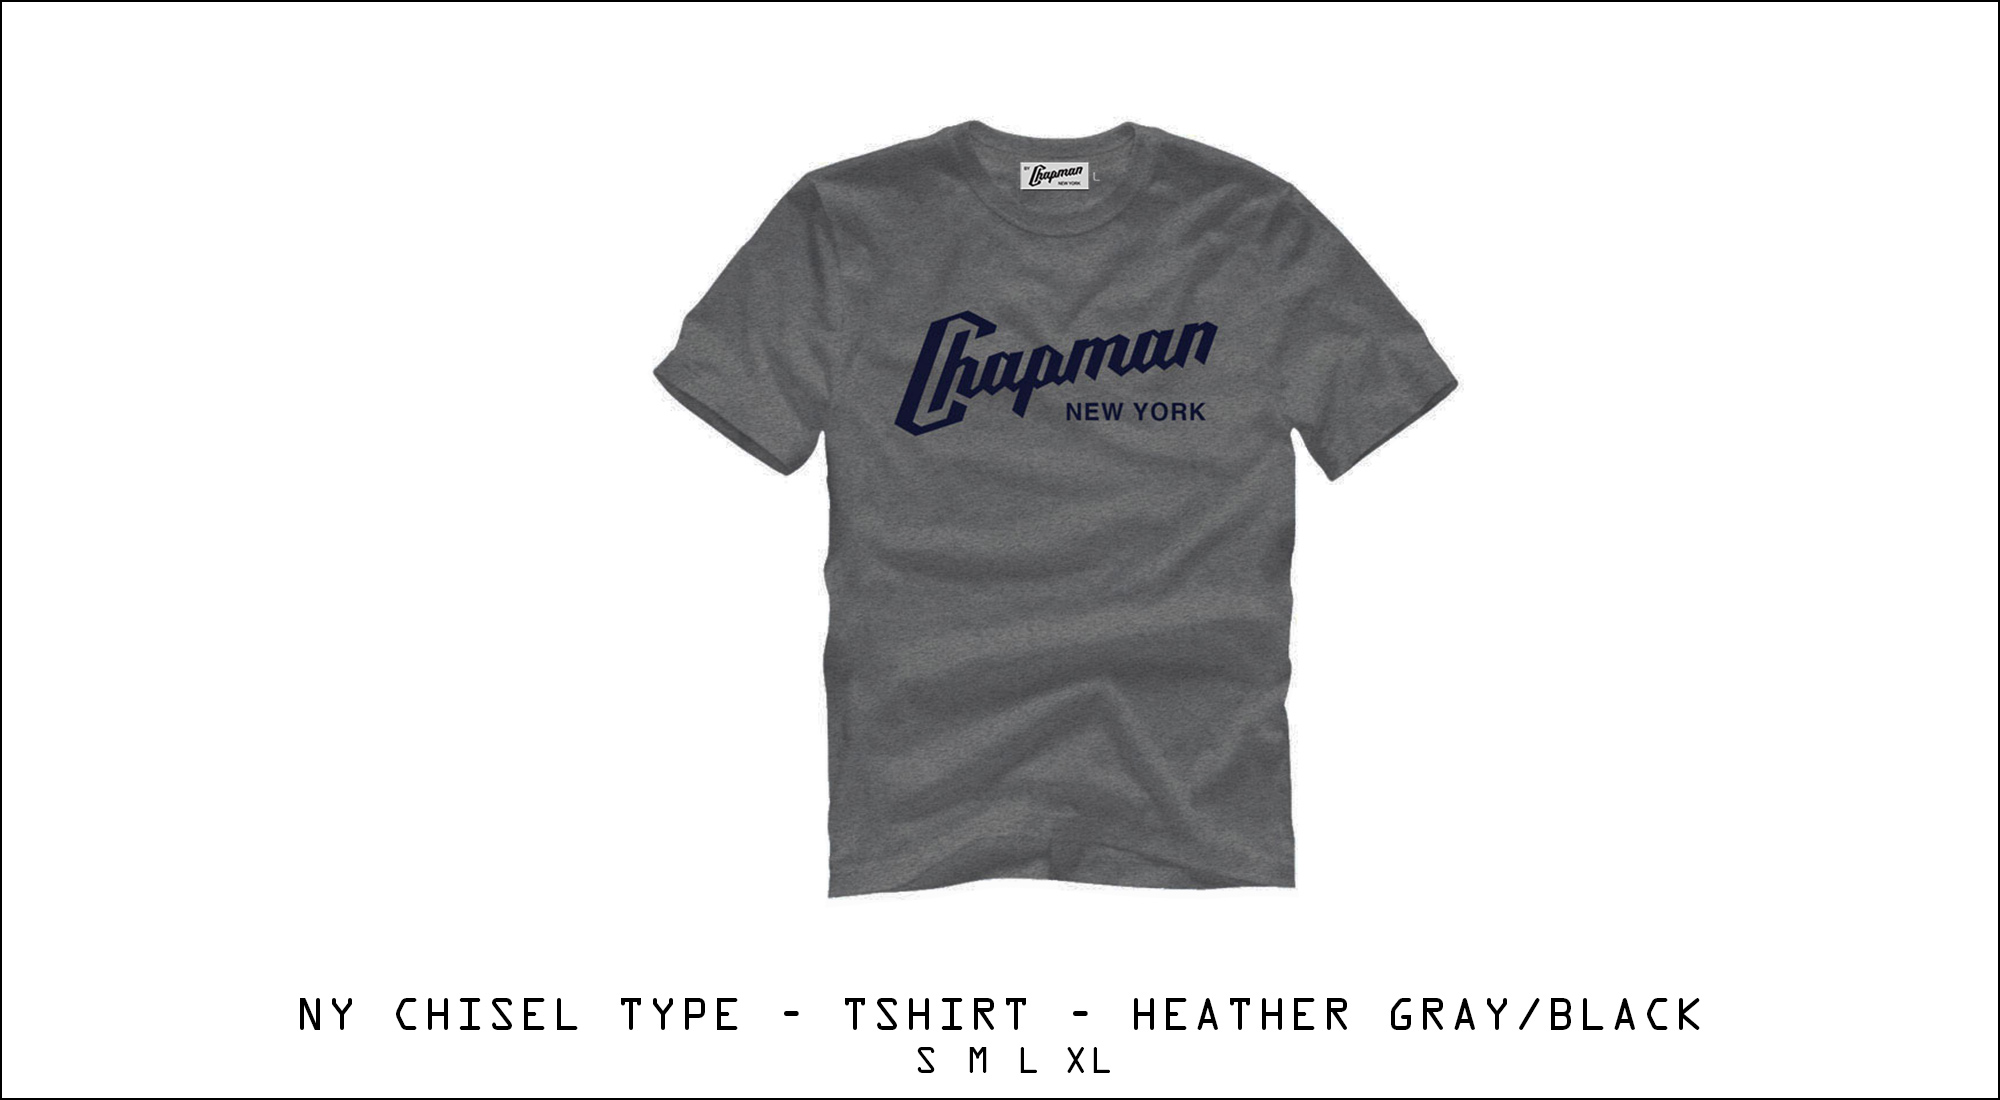 nyuchisel-gray-tee.jpg